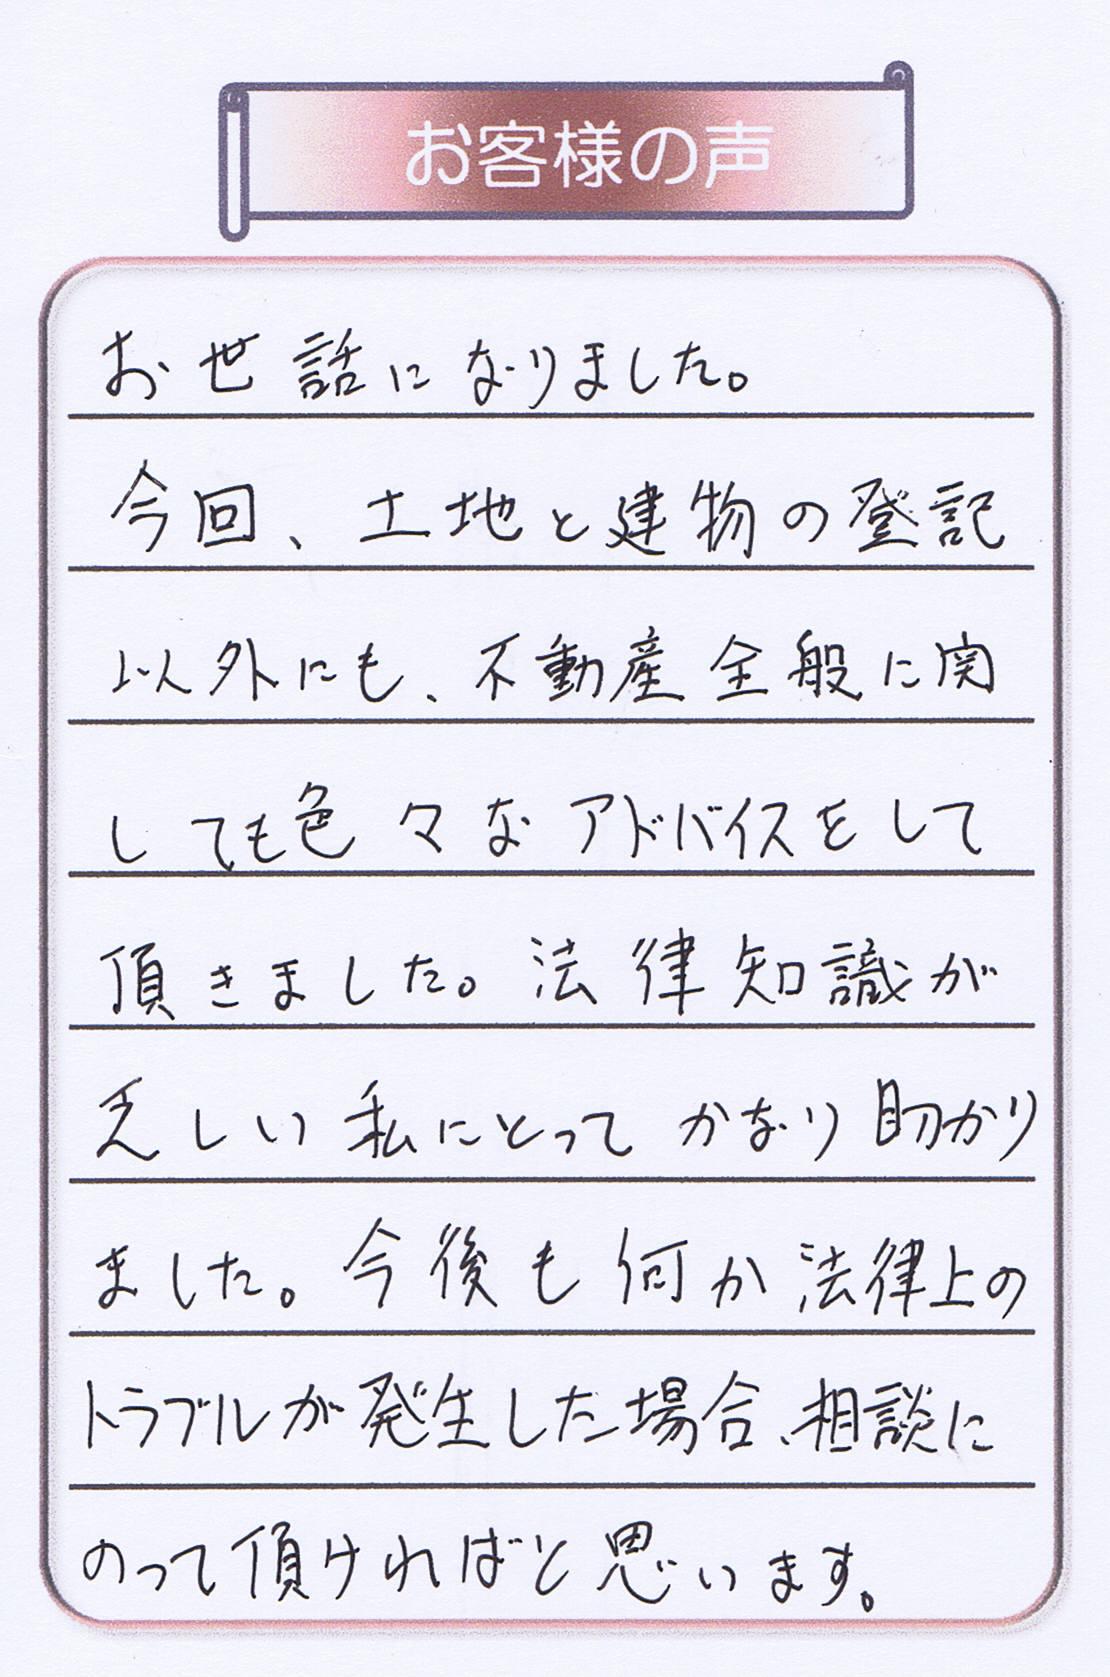 お客さま(不動産登記・練馬区40代女性)アンケート